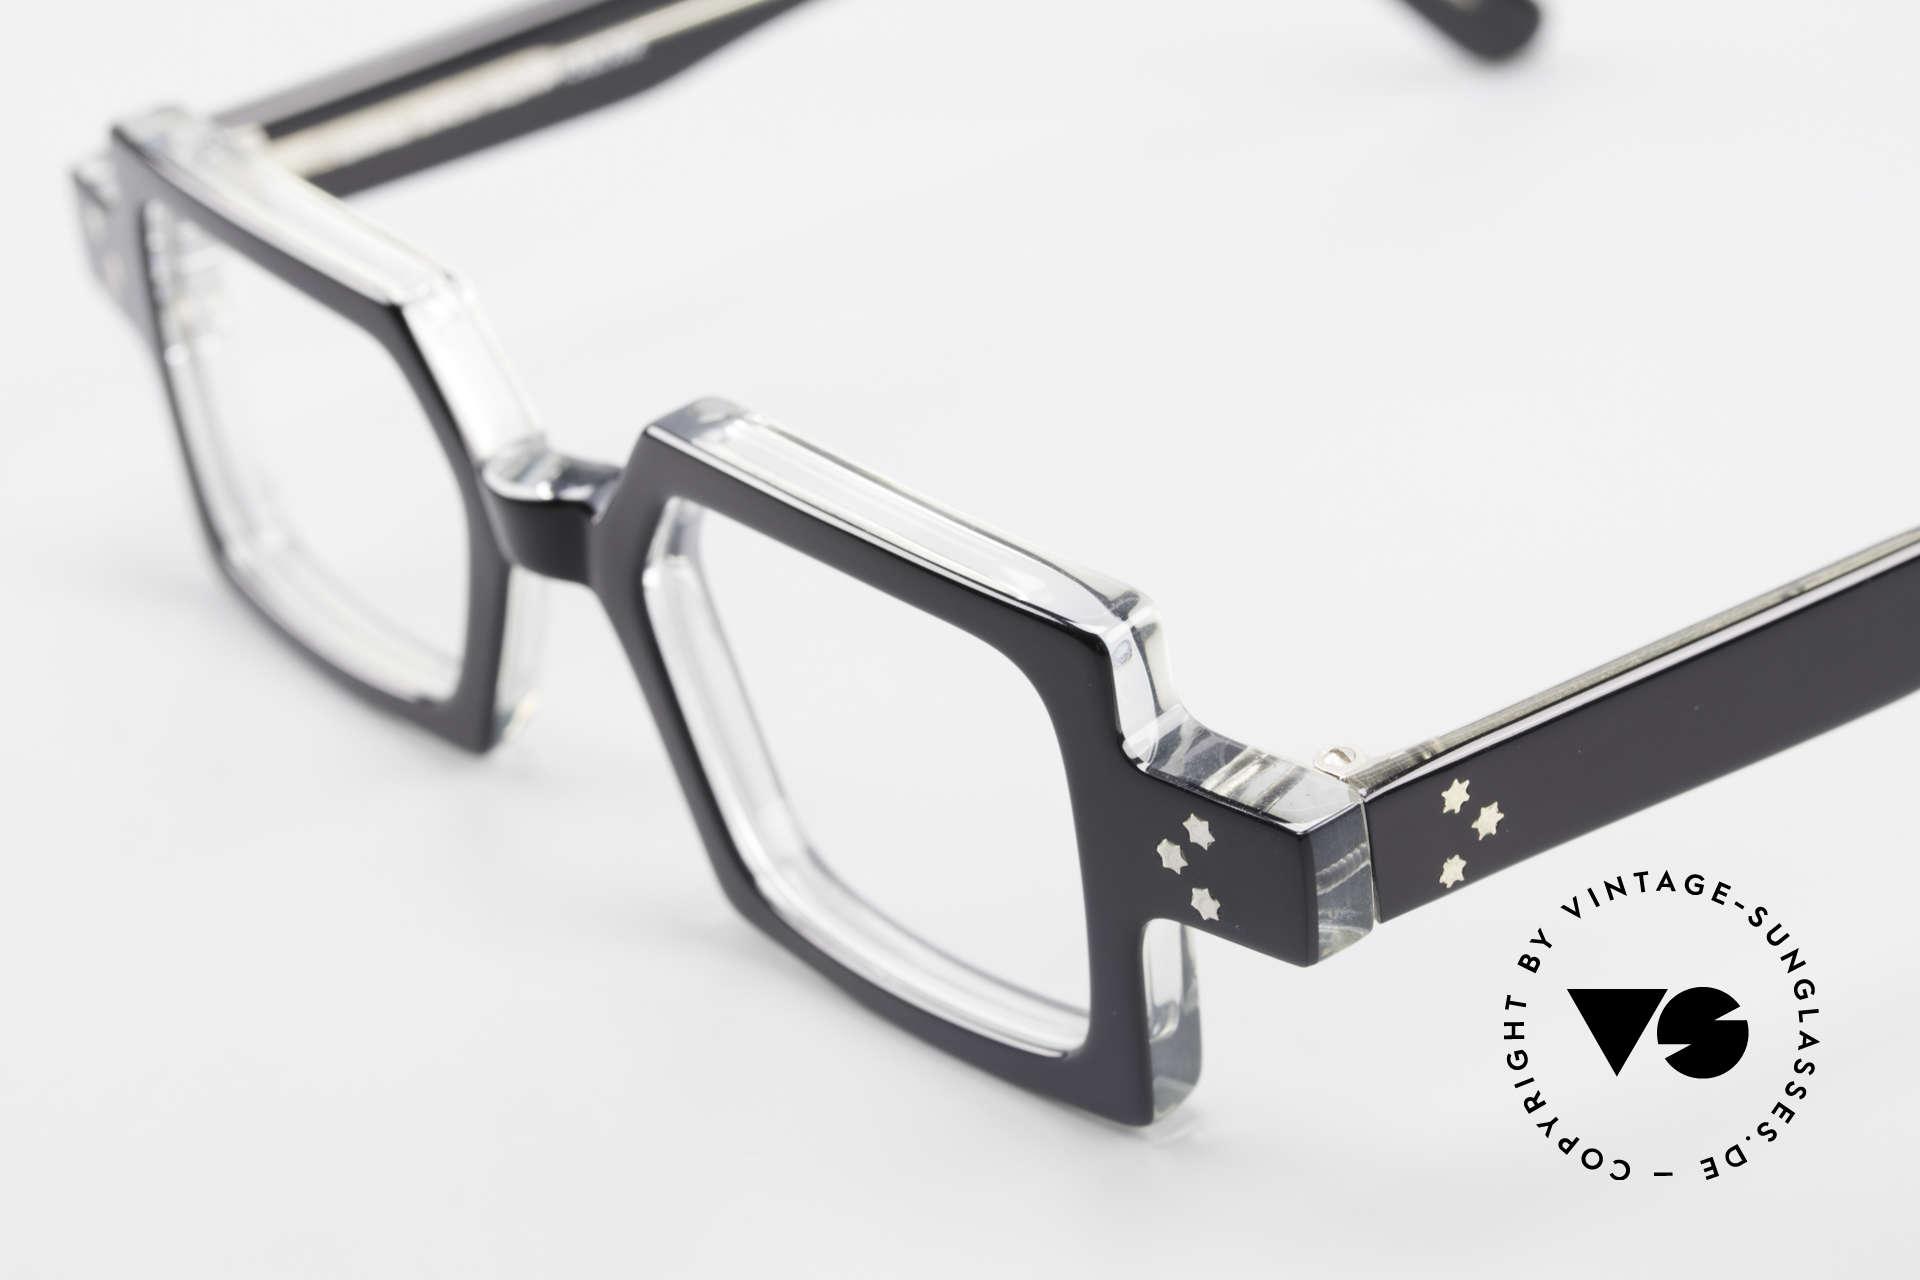 Anne Et Valentin Chico Alte 80er Brille Eckig Markant, aus Energie, Licht, Material, Linie, Kontrast und Farbe, Passend für Herren und Damen